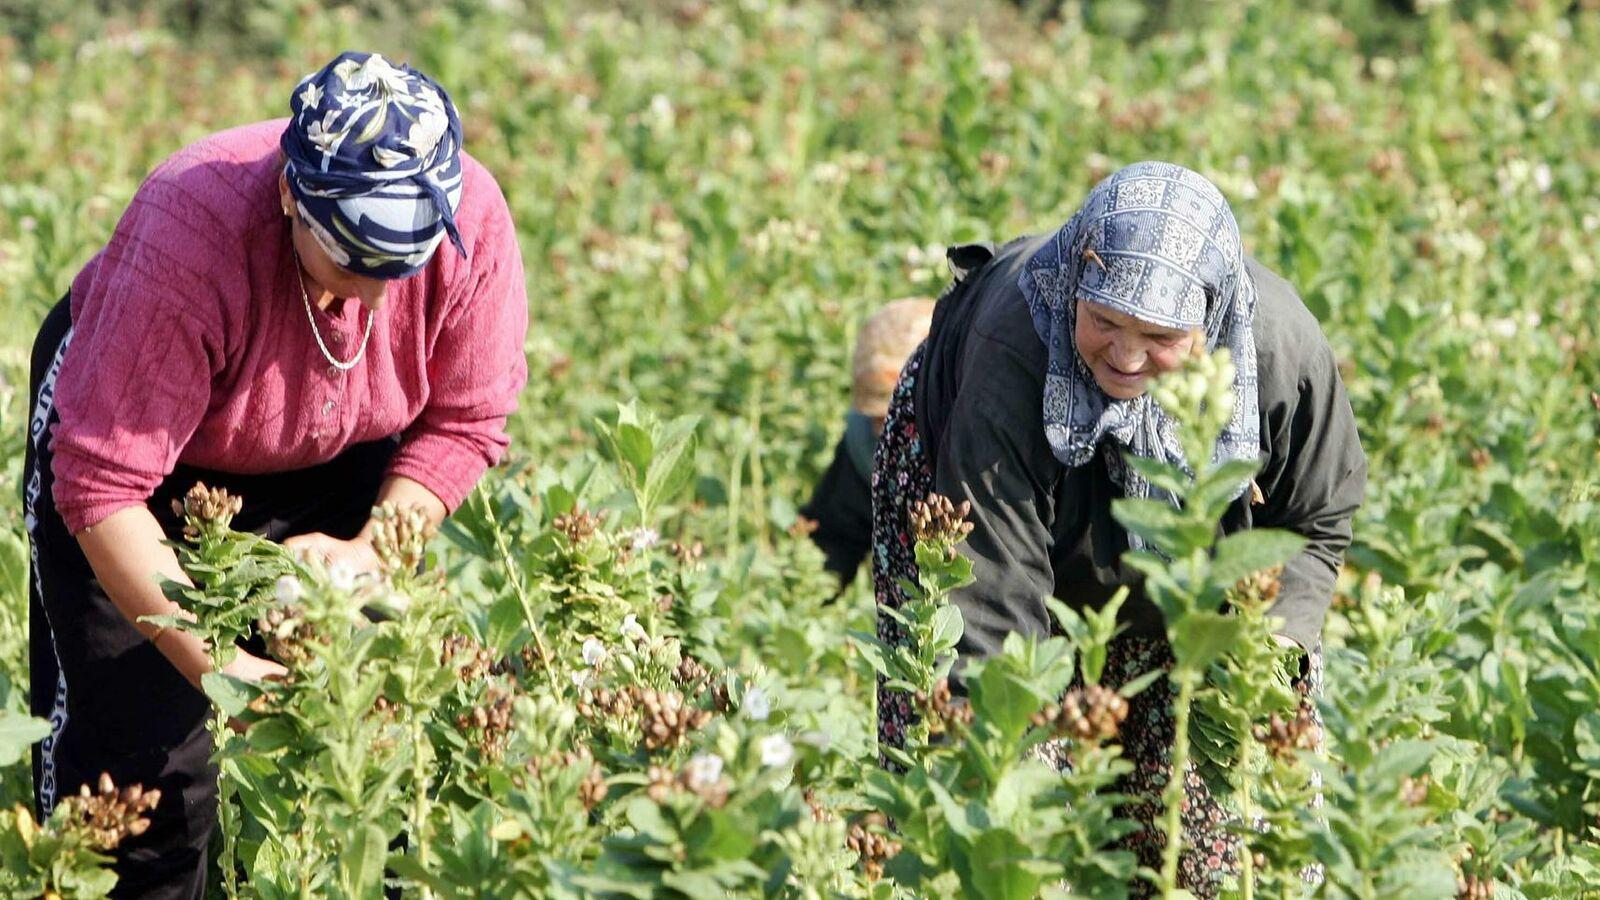 «Διεθνής Ημέρα Αγρότισσας»: Η Αγρότισσα στην Ελληνική ύπαιθρο. Γράφει ο Λευτέρης Αυγενάκης